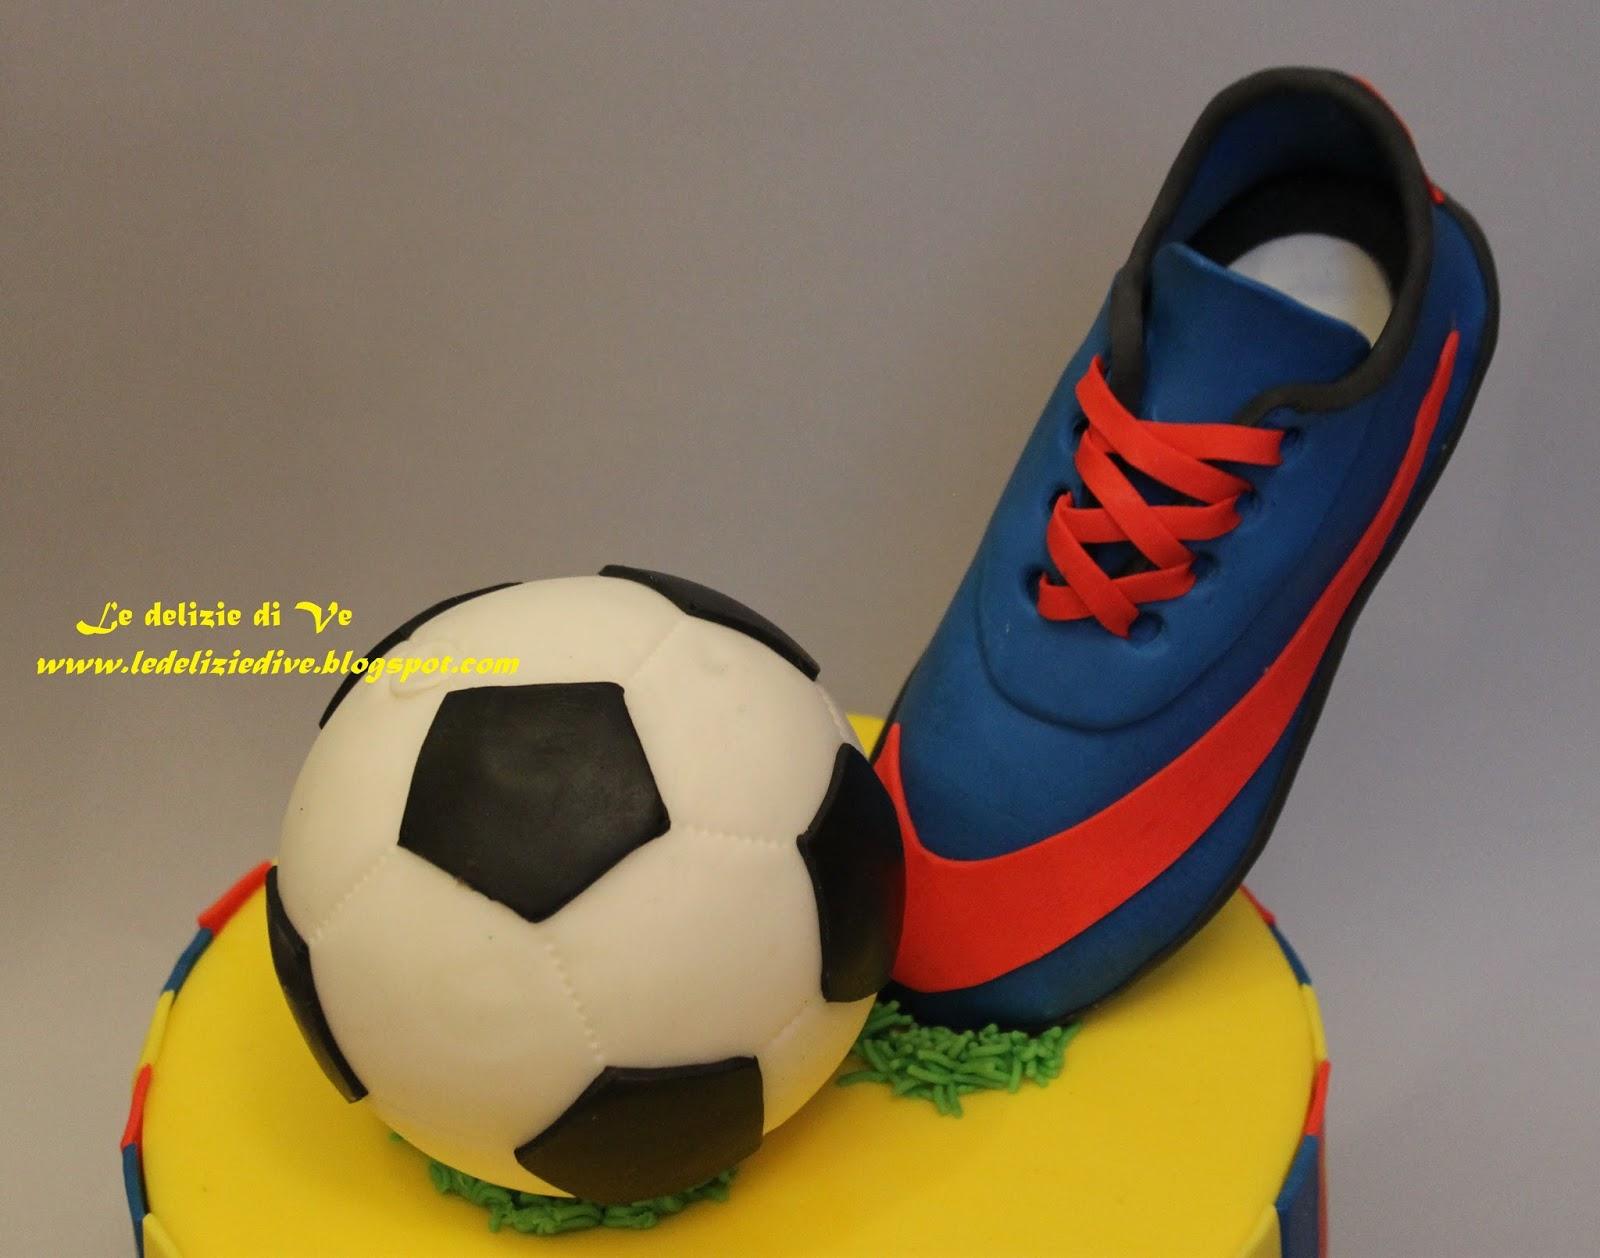 Ledeliziedive soccer cake